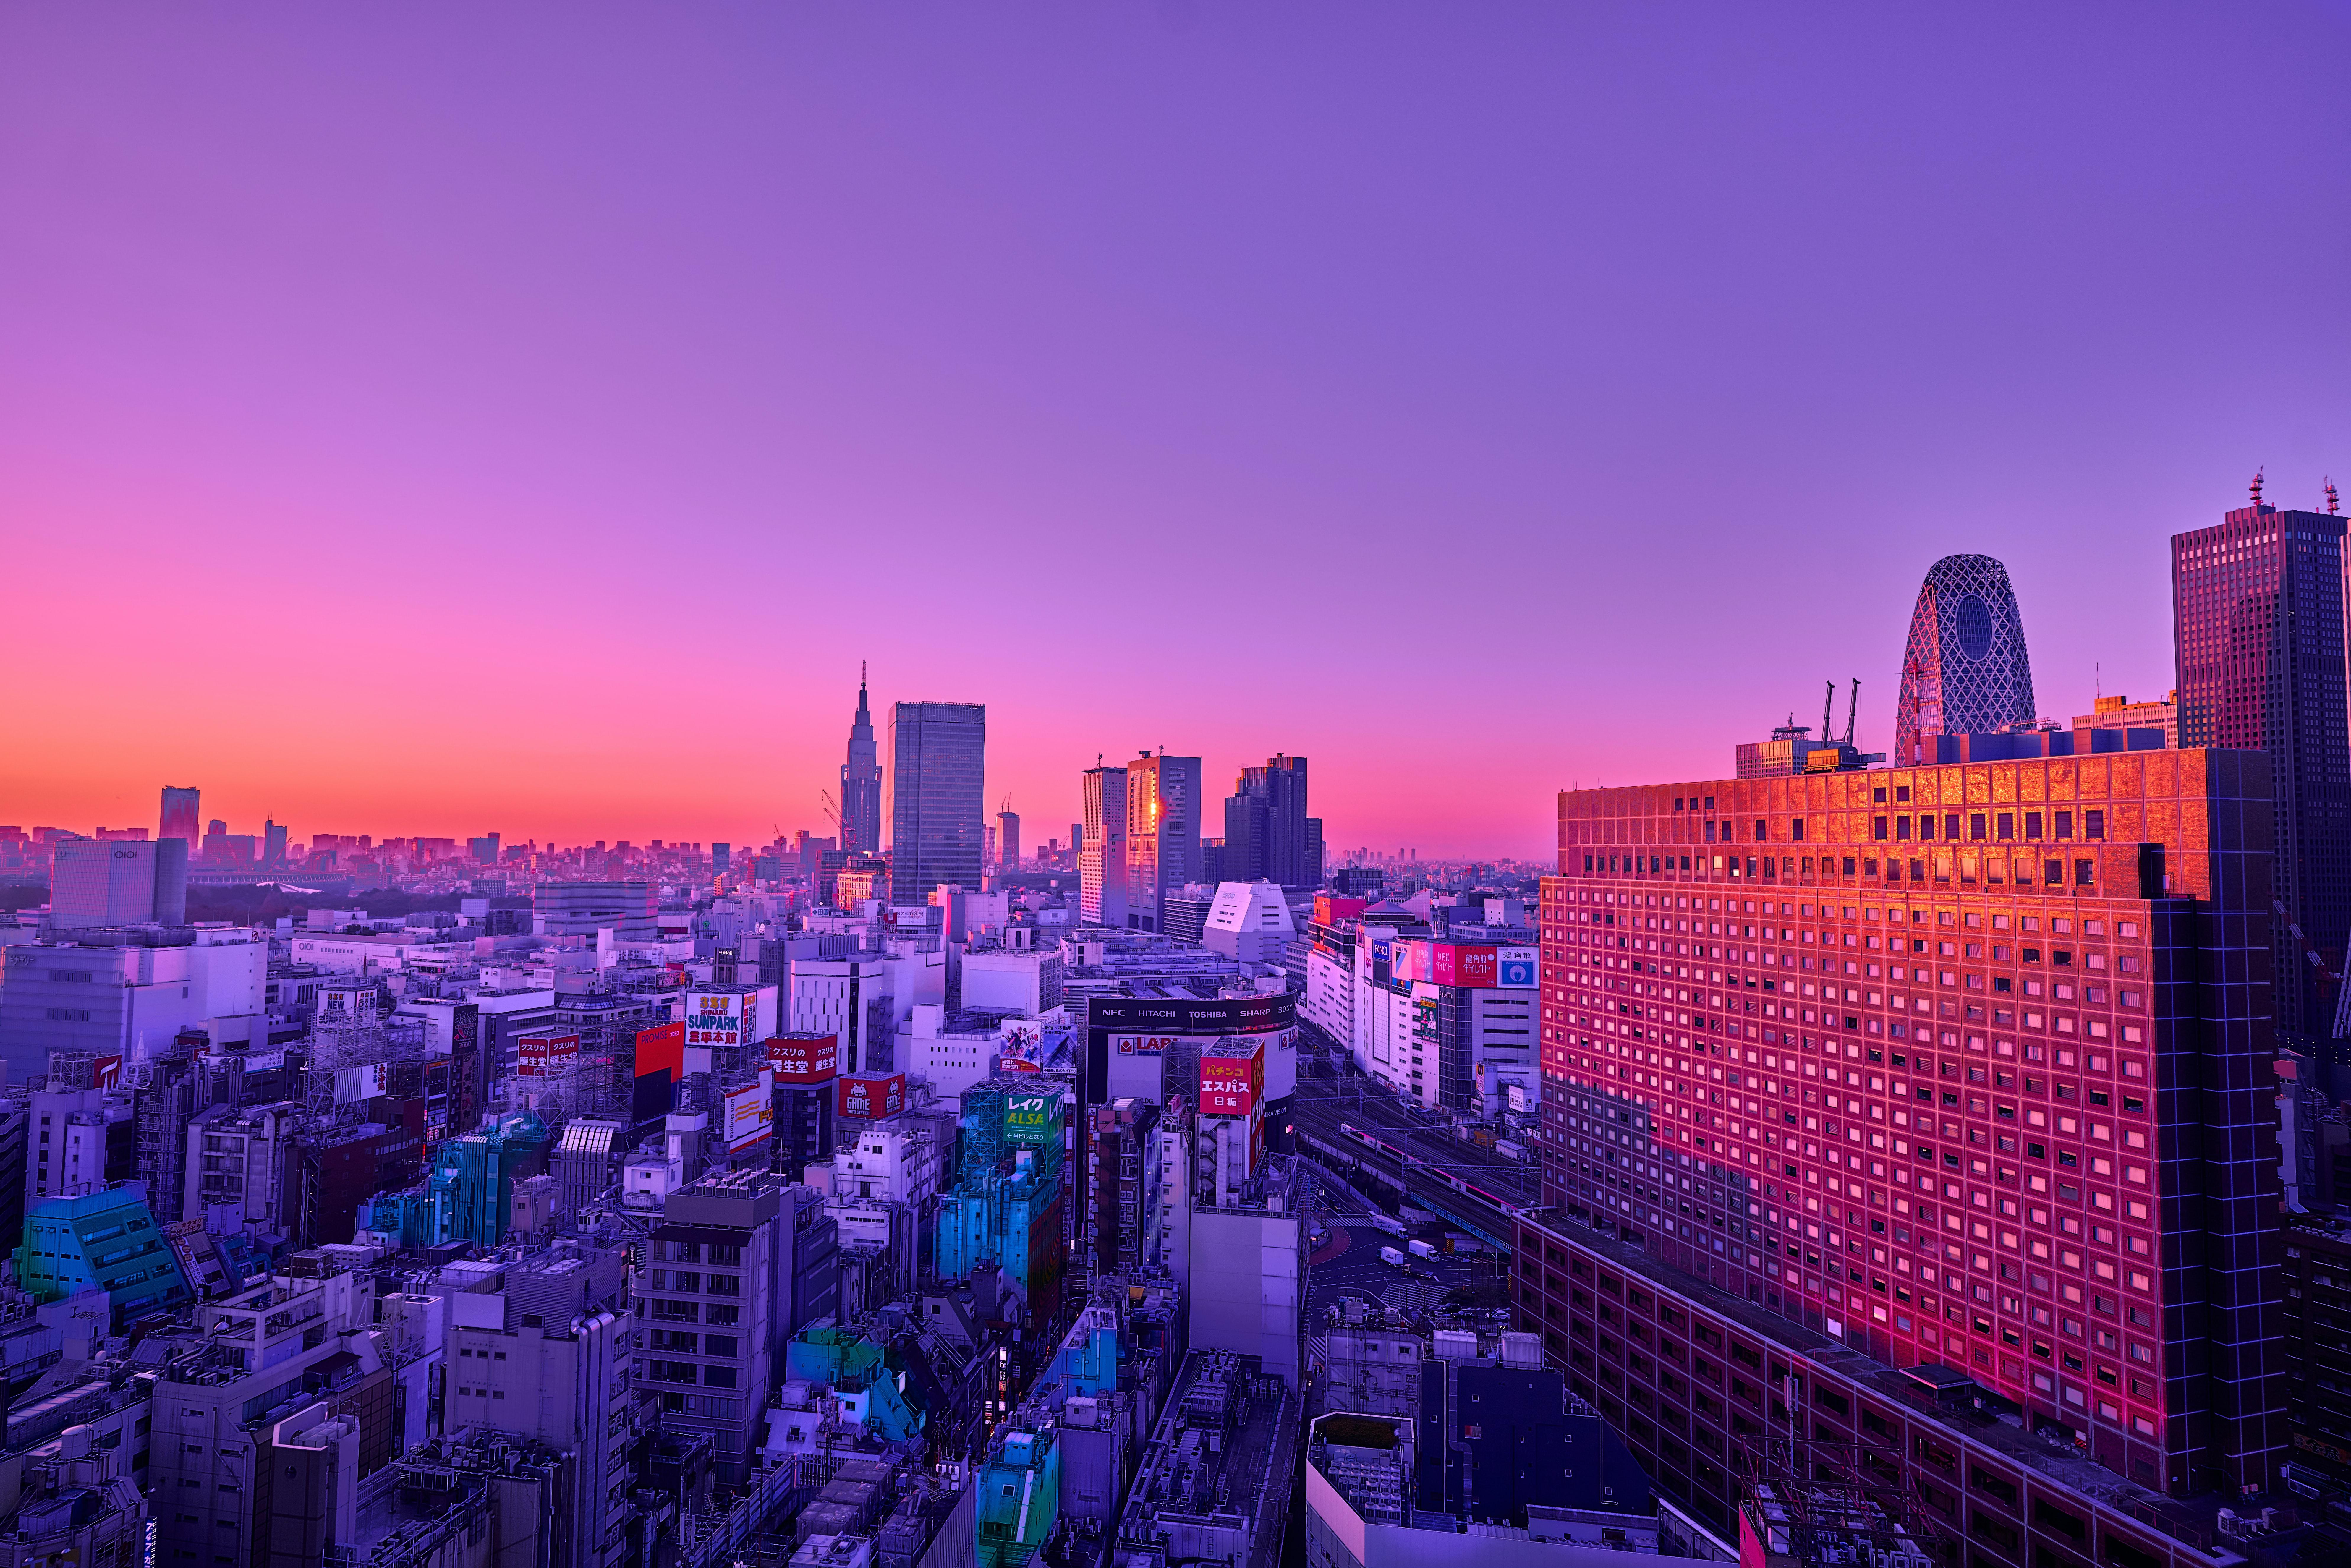 免費下載 64145: 城市, 黄昏, 建造, 建筑物, 从上面看, 顶视图, 紫色的 桌面壁紙